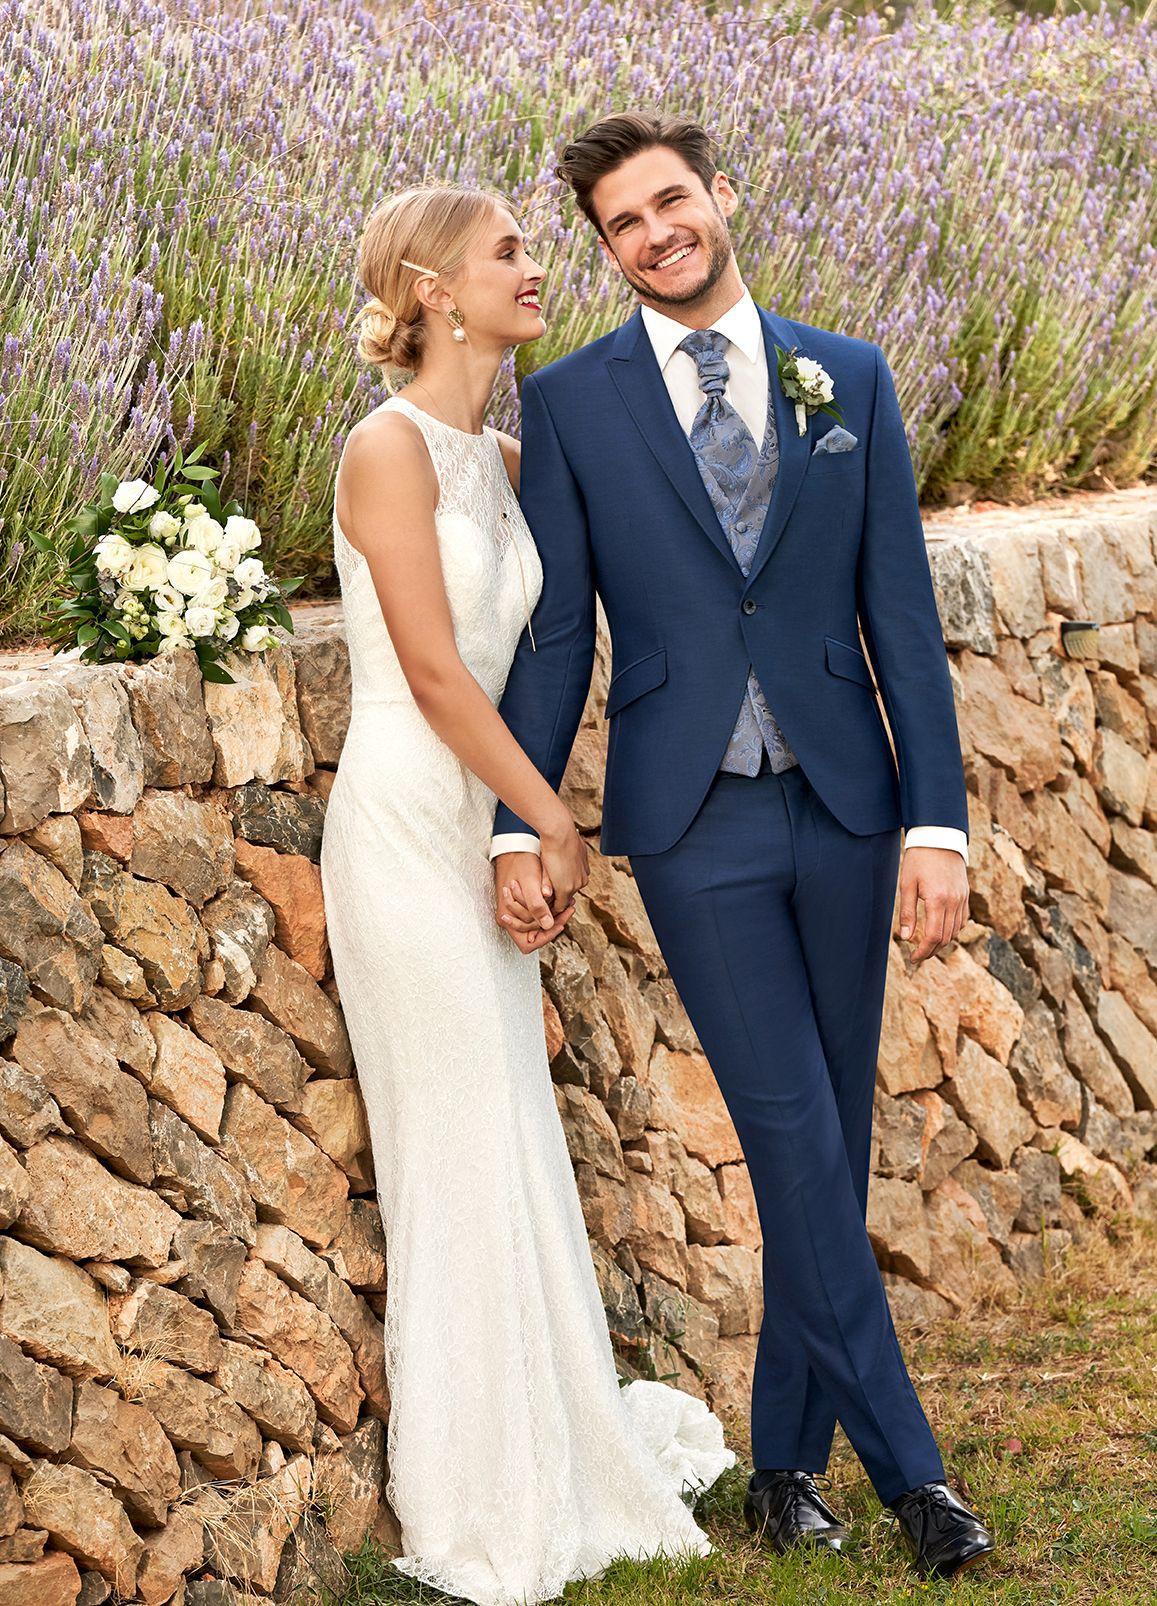 Hochzeitsanzug Blau After Six 2020 1 Look 9 Hochzeit Brautigam Anzuge Anzug Hochzeit Hochzeit Brautigam